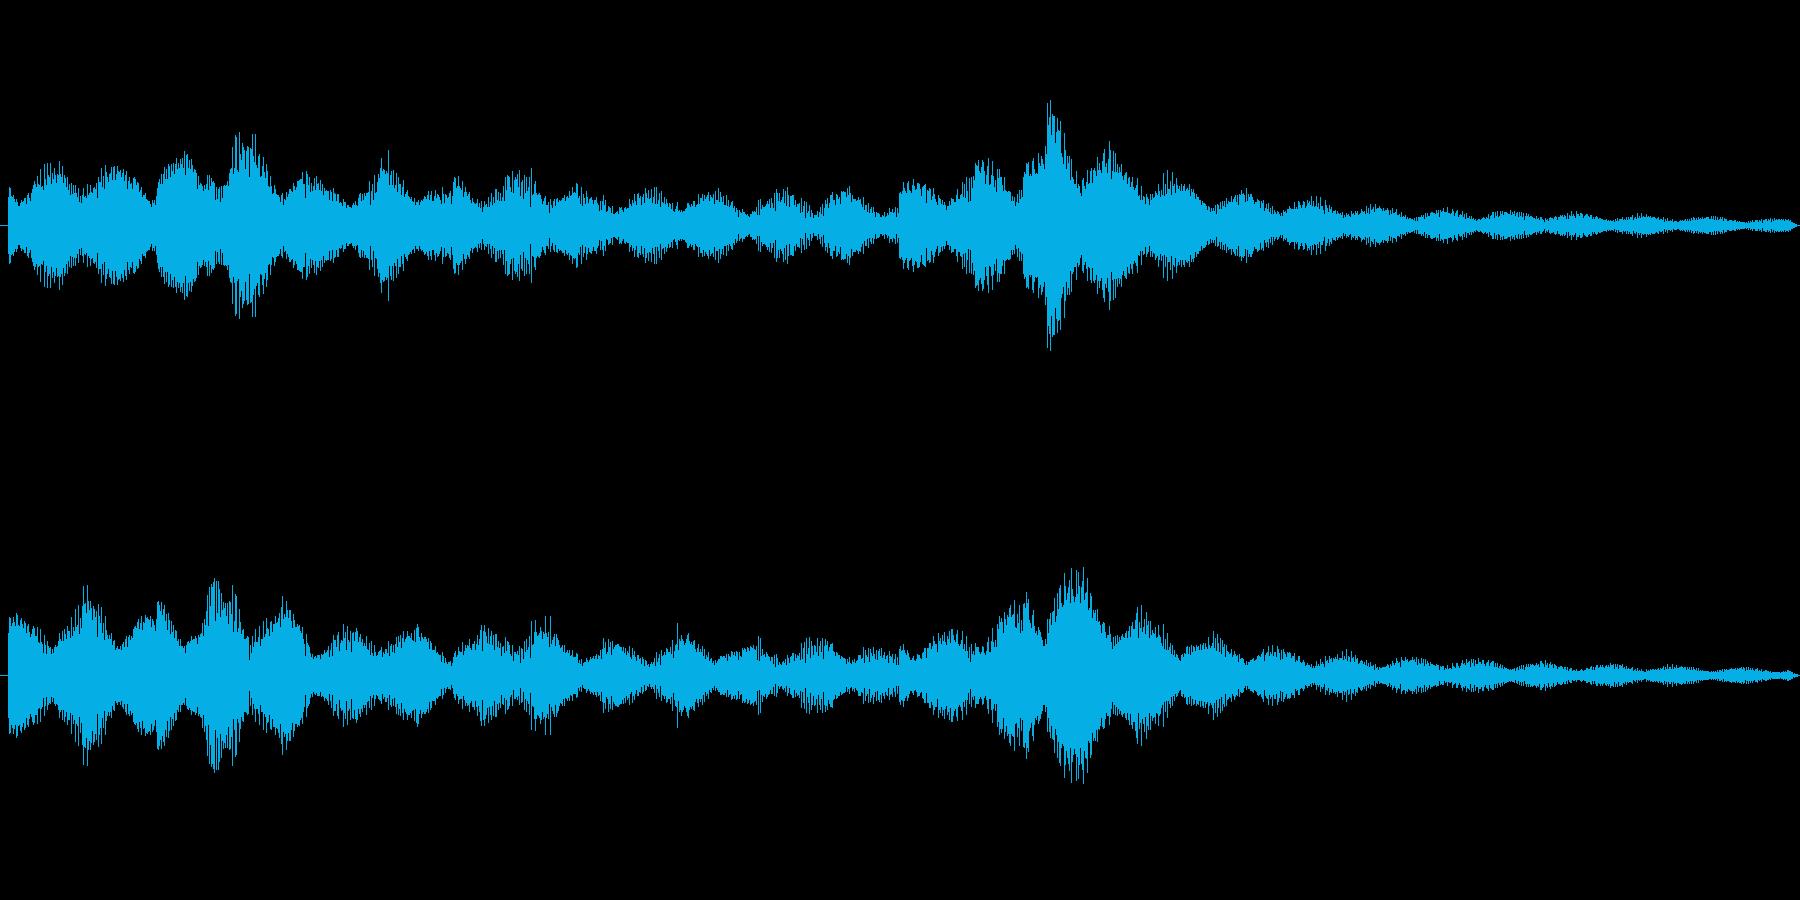 跳ねるような3連符のエレピのジングルの再生済みの波形